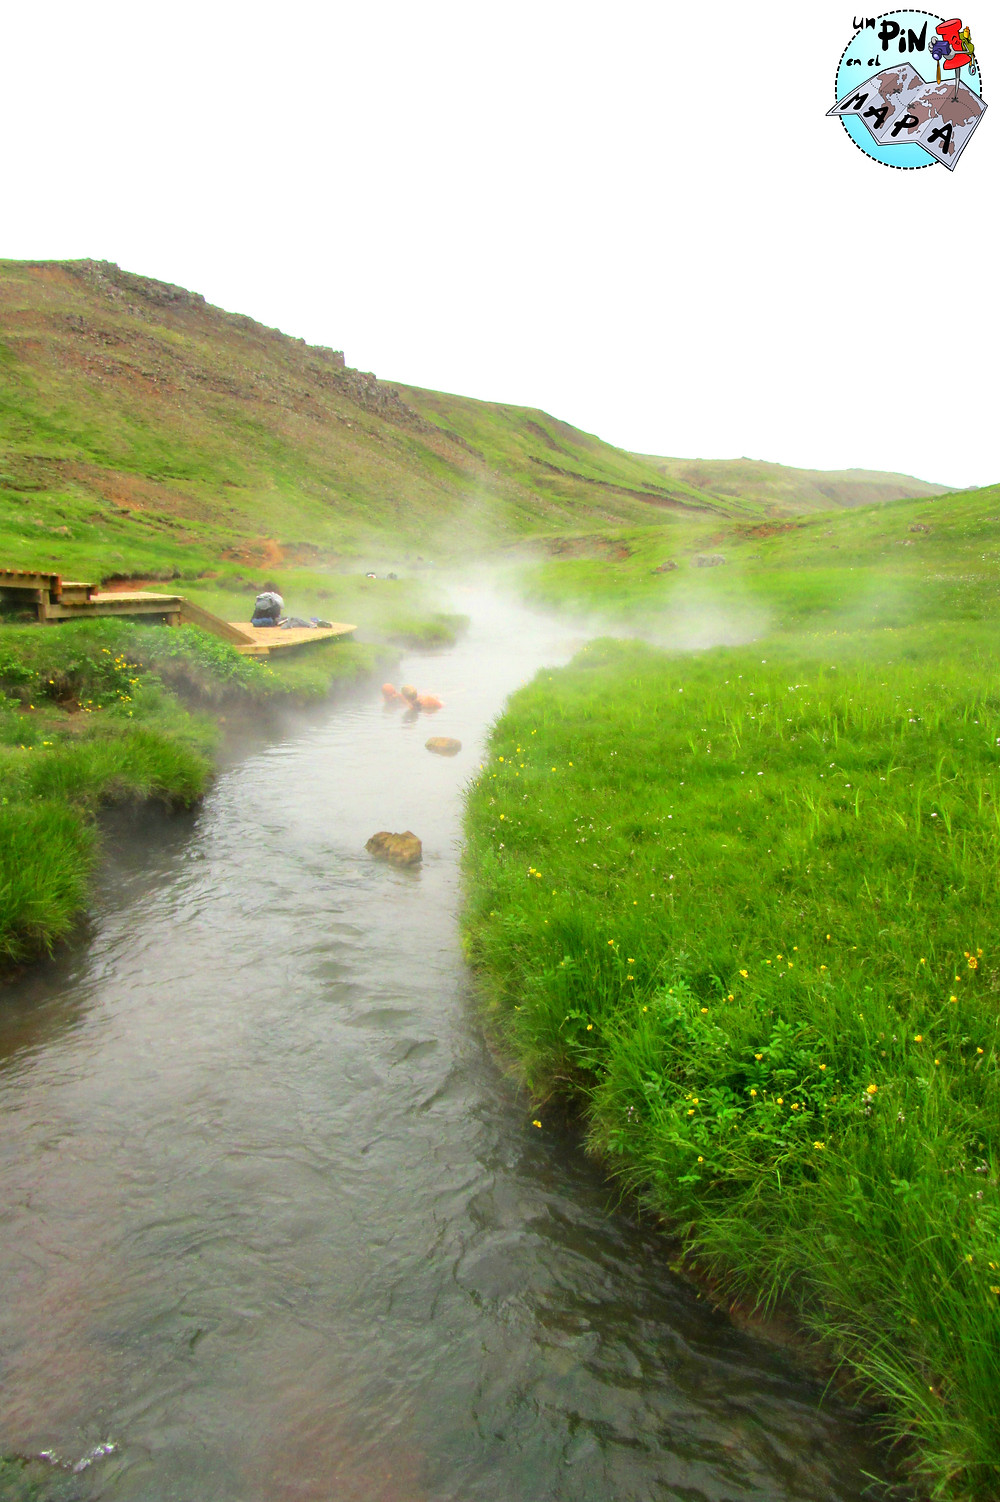 Río termal en Hveragerdi, Islandia | Un Pin en el Mapa